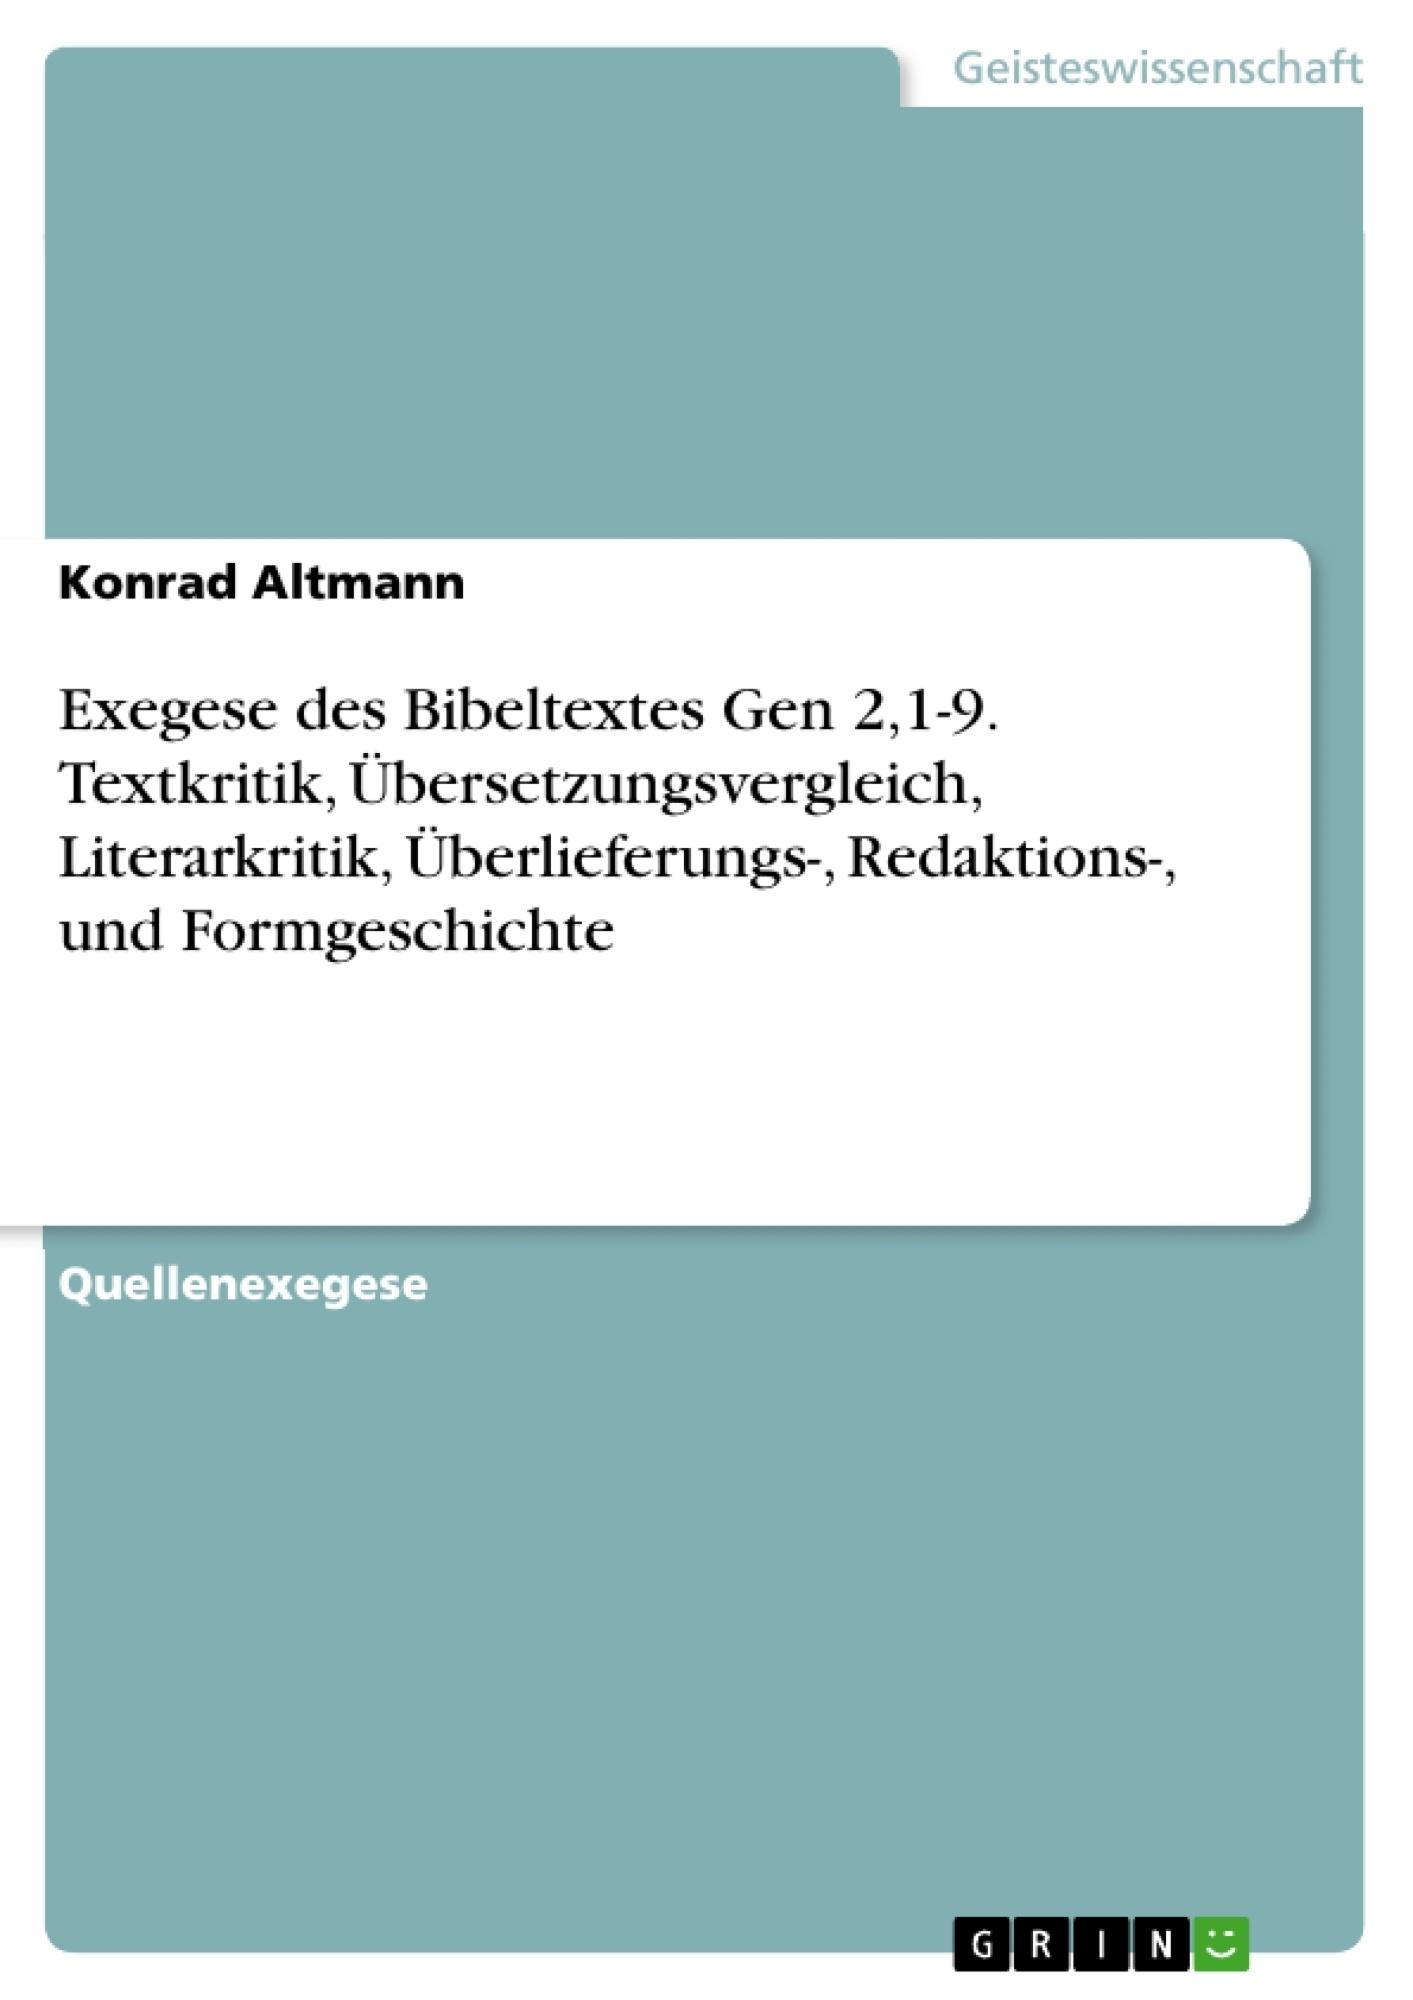 Titel: Exegese des Bibeltextes Gen 2,1-9. Textkritik, Übersetzungsvergleich, Literarkritik, Überlieferungs-, Redaktions-, und Formgeschichte